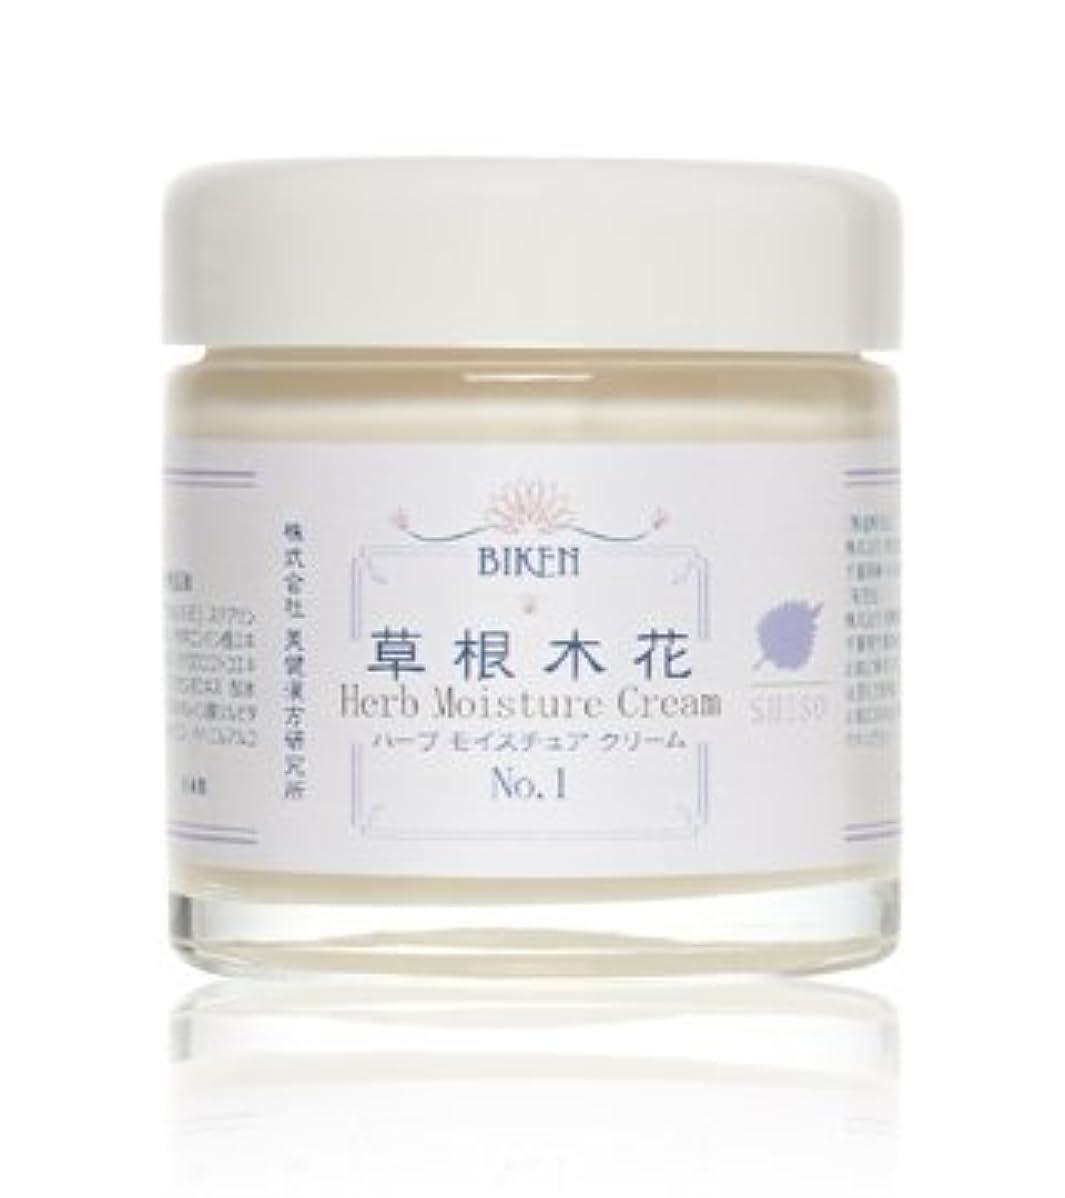 休眠競争力のあるポインタ「草根木花 ハーブモイスチュアクリームNo.1 (紫蘇クリーム)」  乾燥肌?敏感肌にシソエキス  シェアドコスメ(男女兼用化粧品)